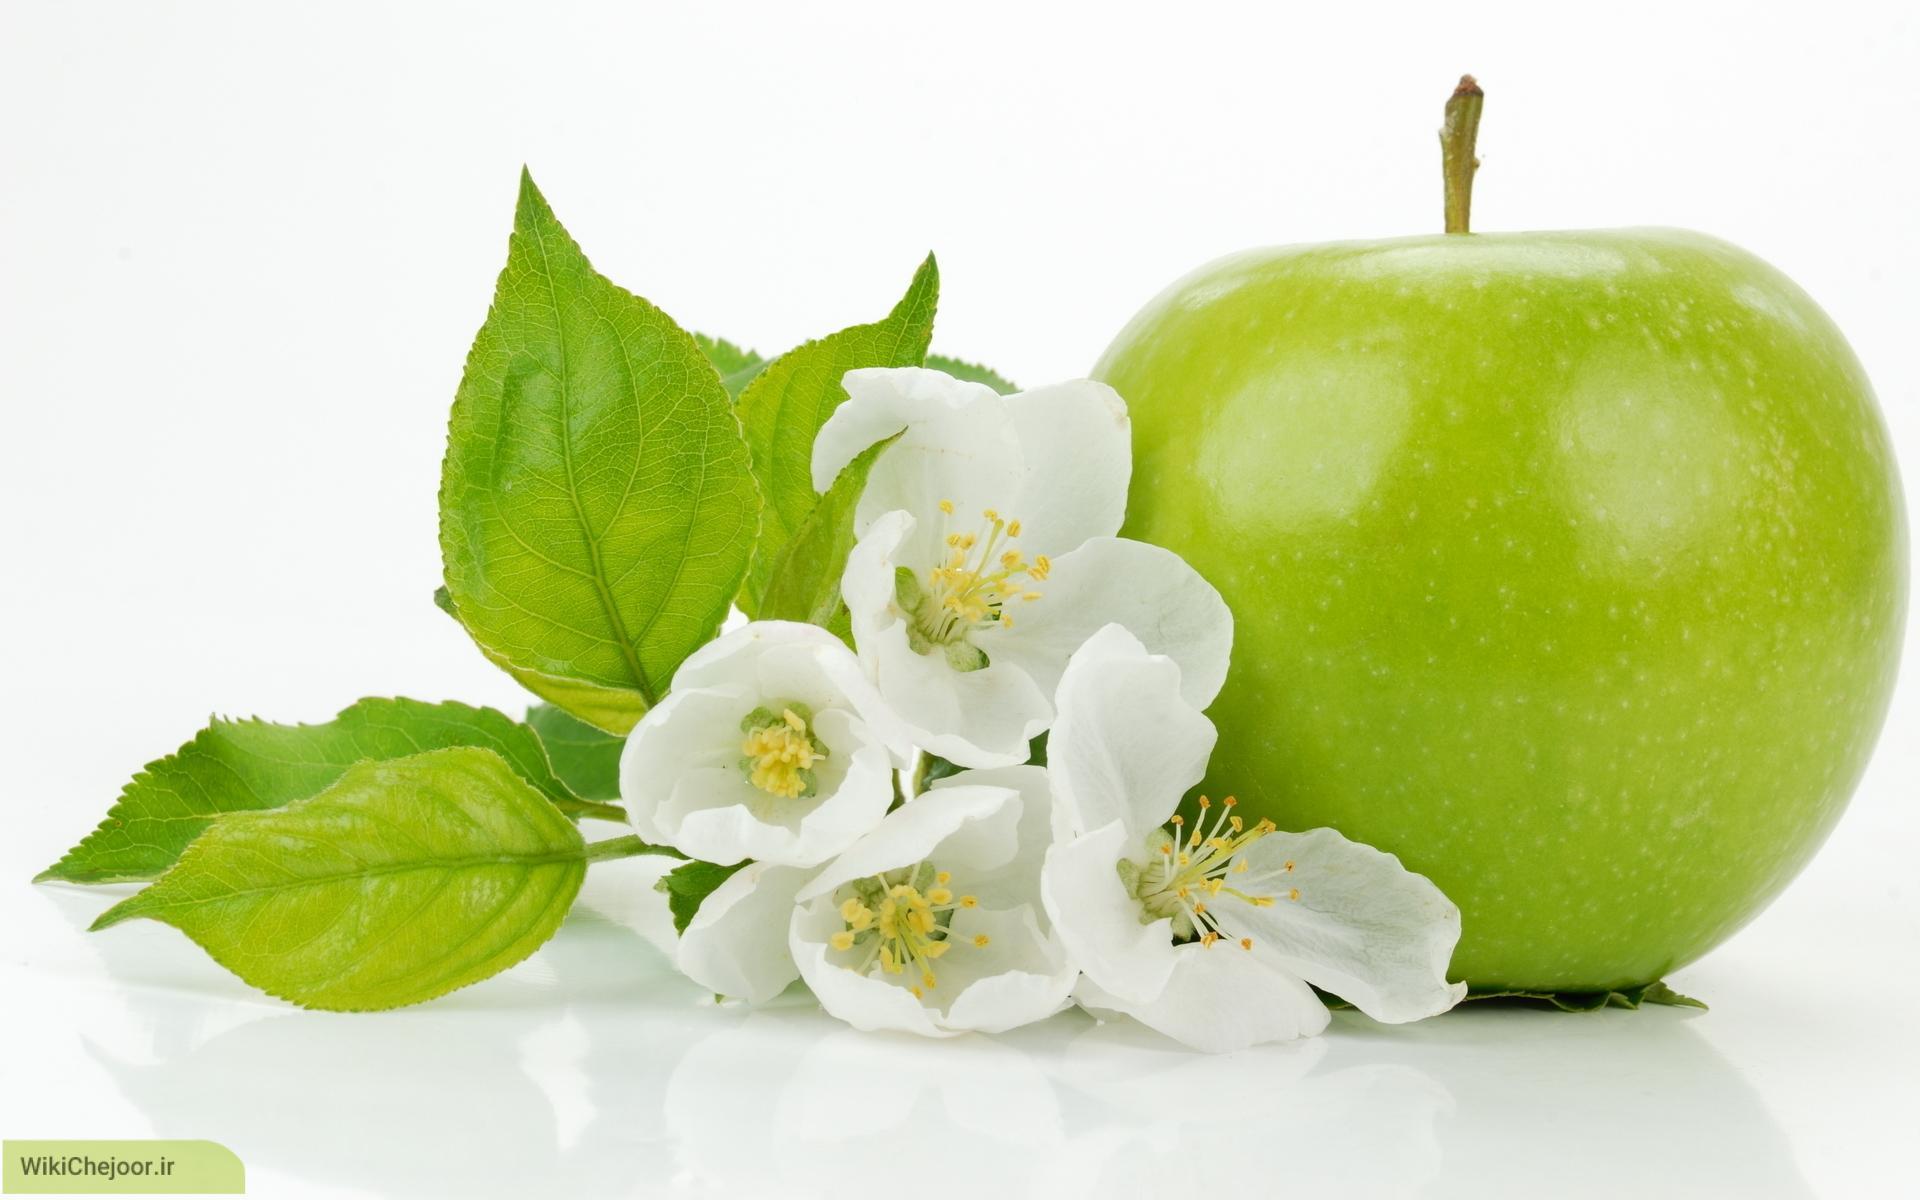 چگونه سیب باعث زیبایی پوست میشود؟